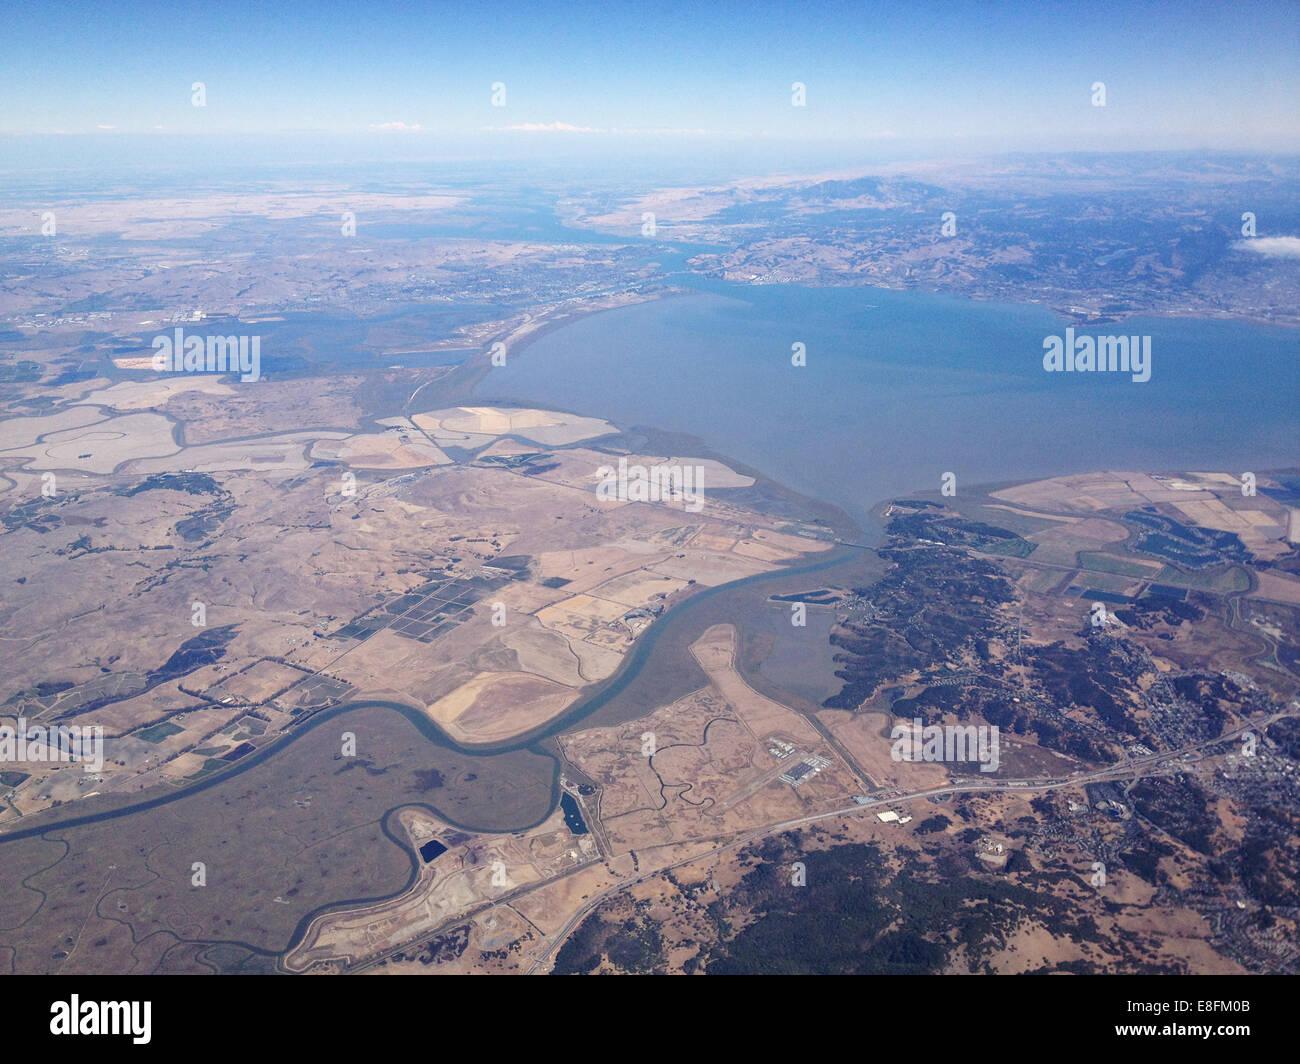 USA, California, landwirtschaftliche Flächen und See Stockbild